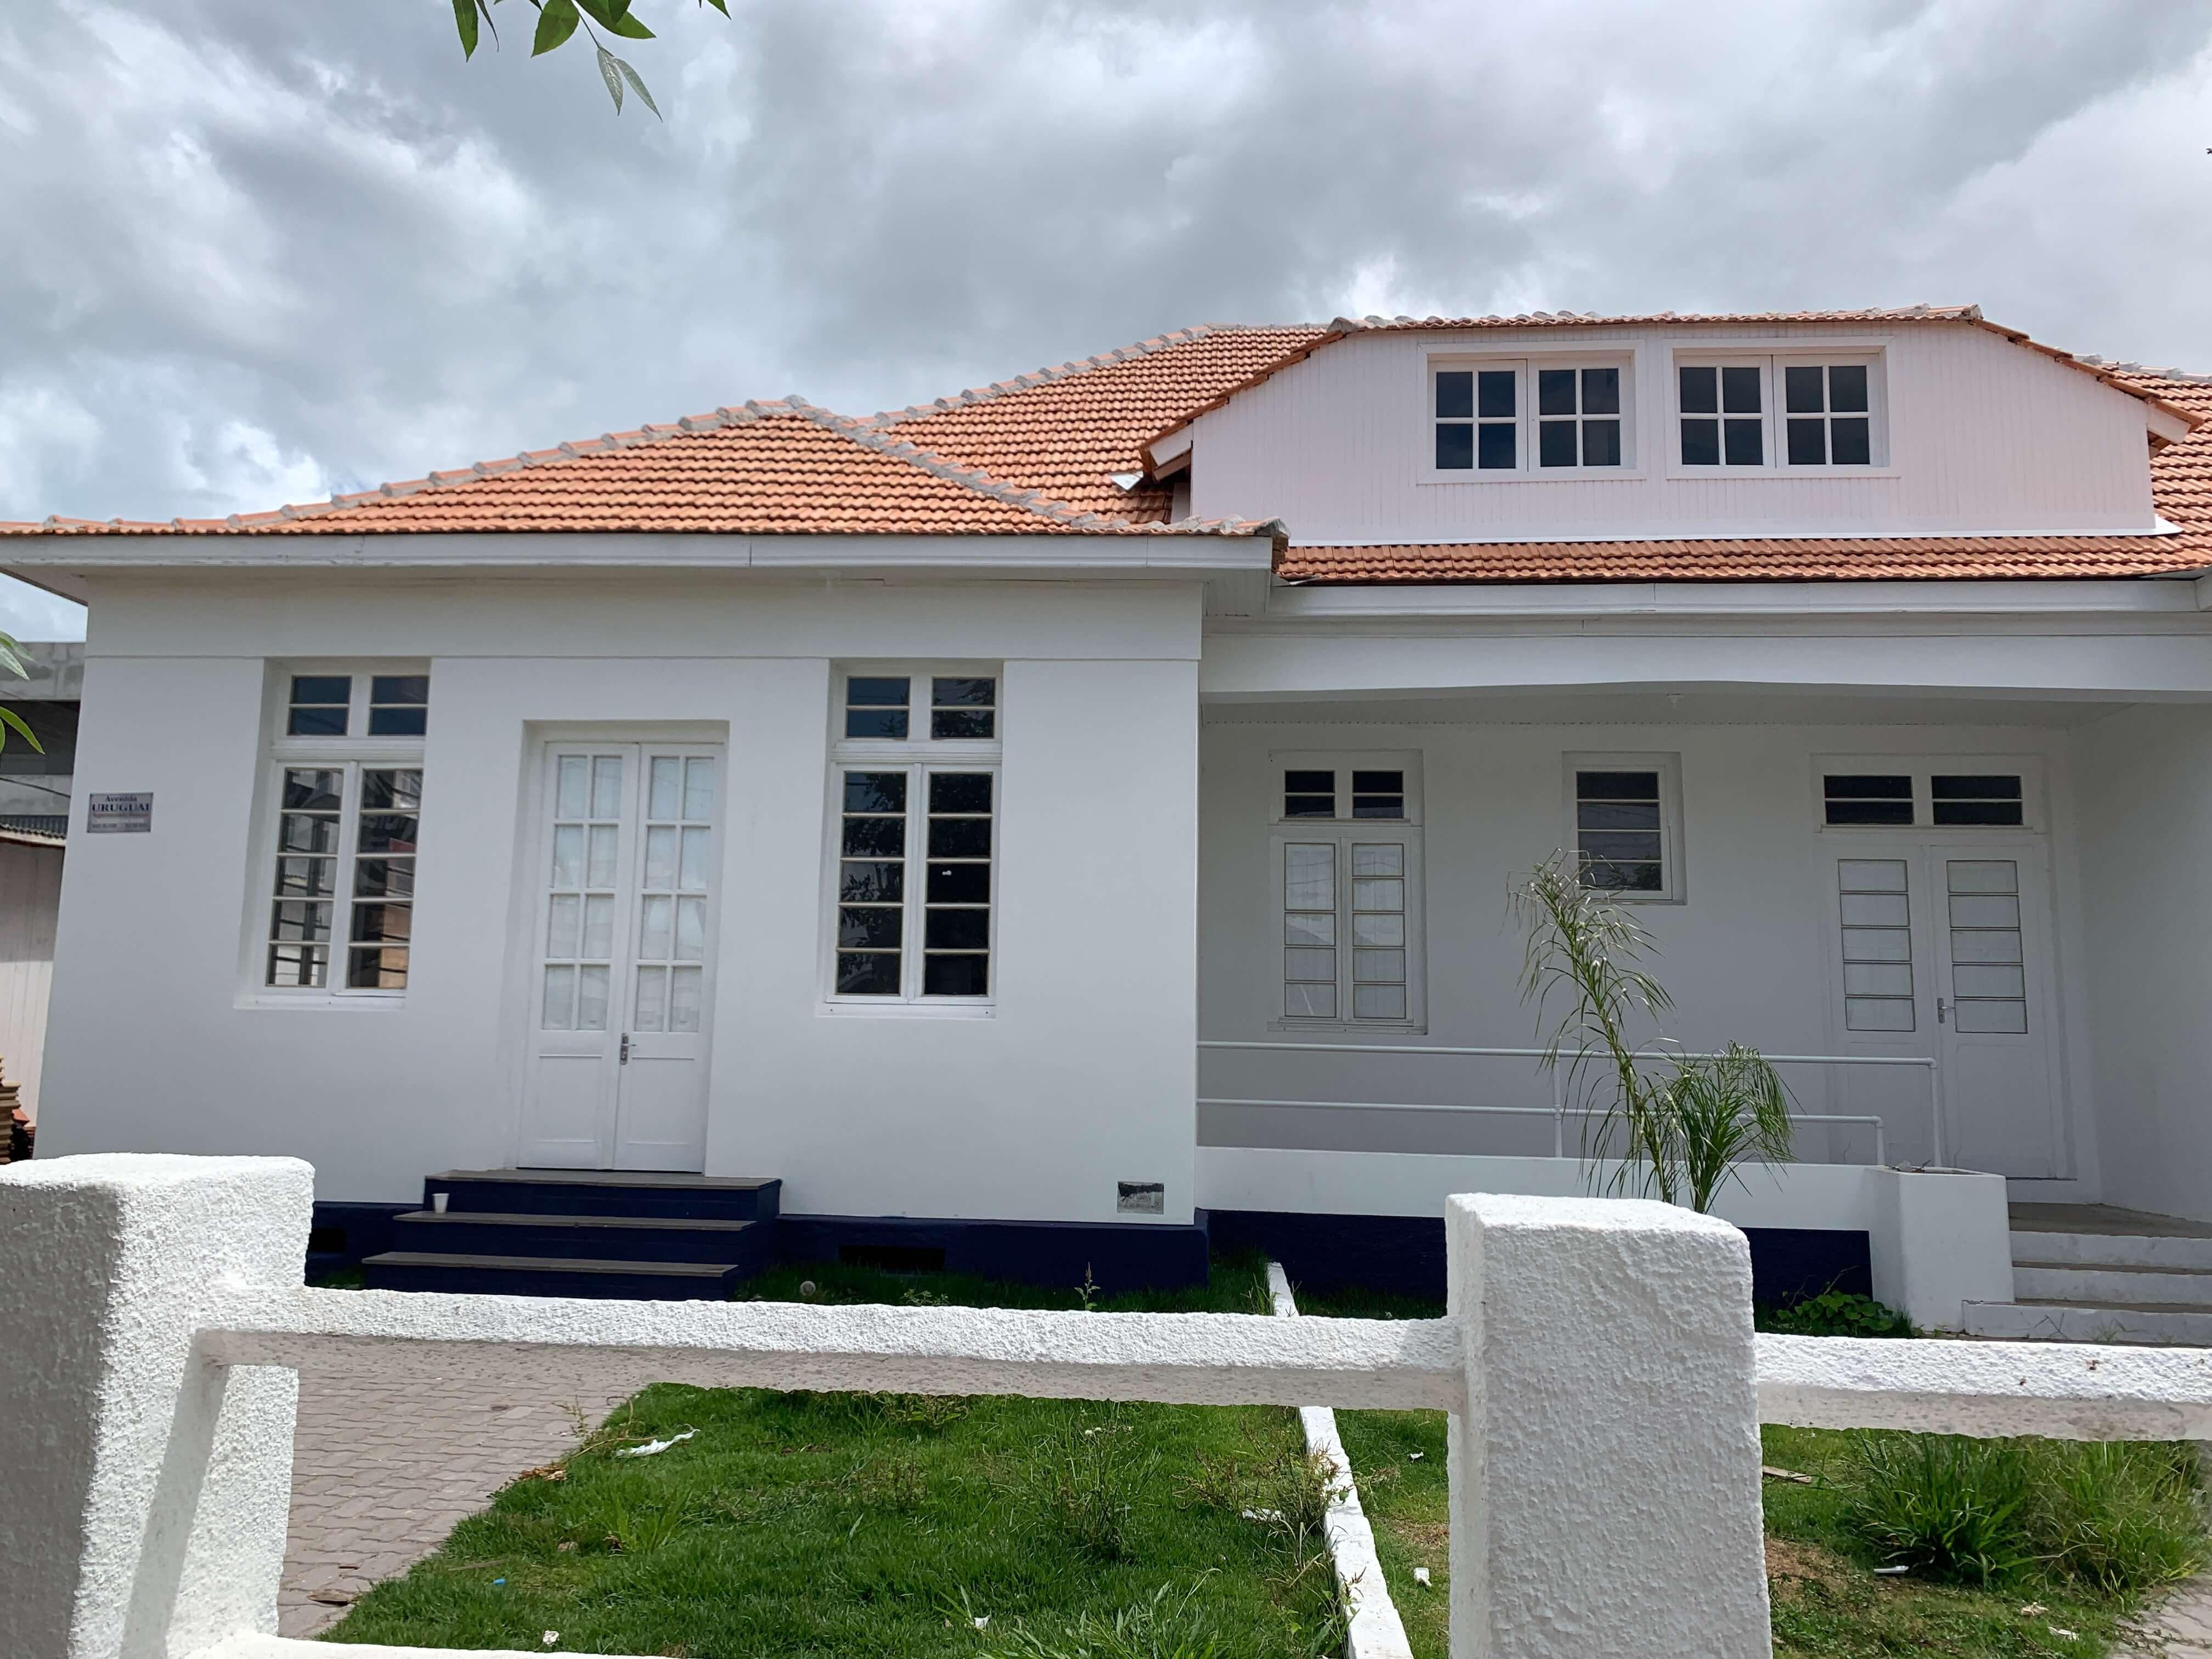 fachada de asarão branco do Centro Cultural do Chuí